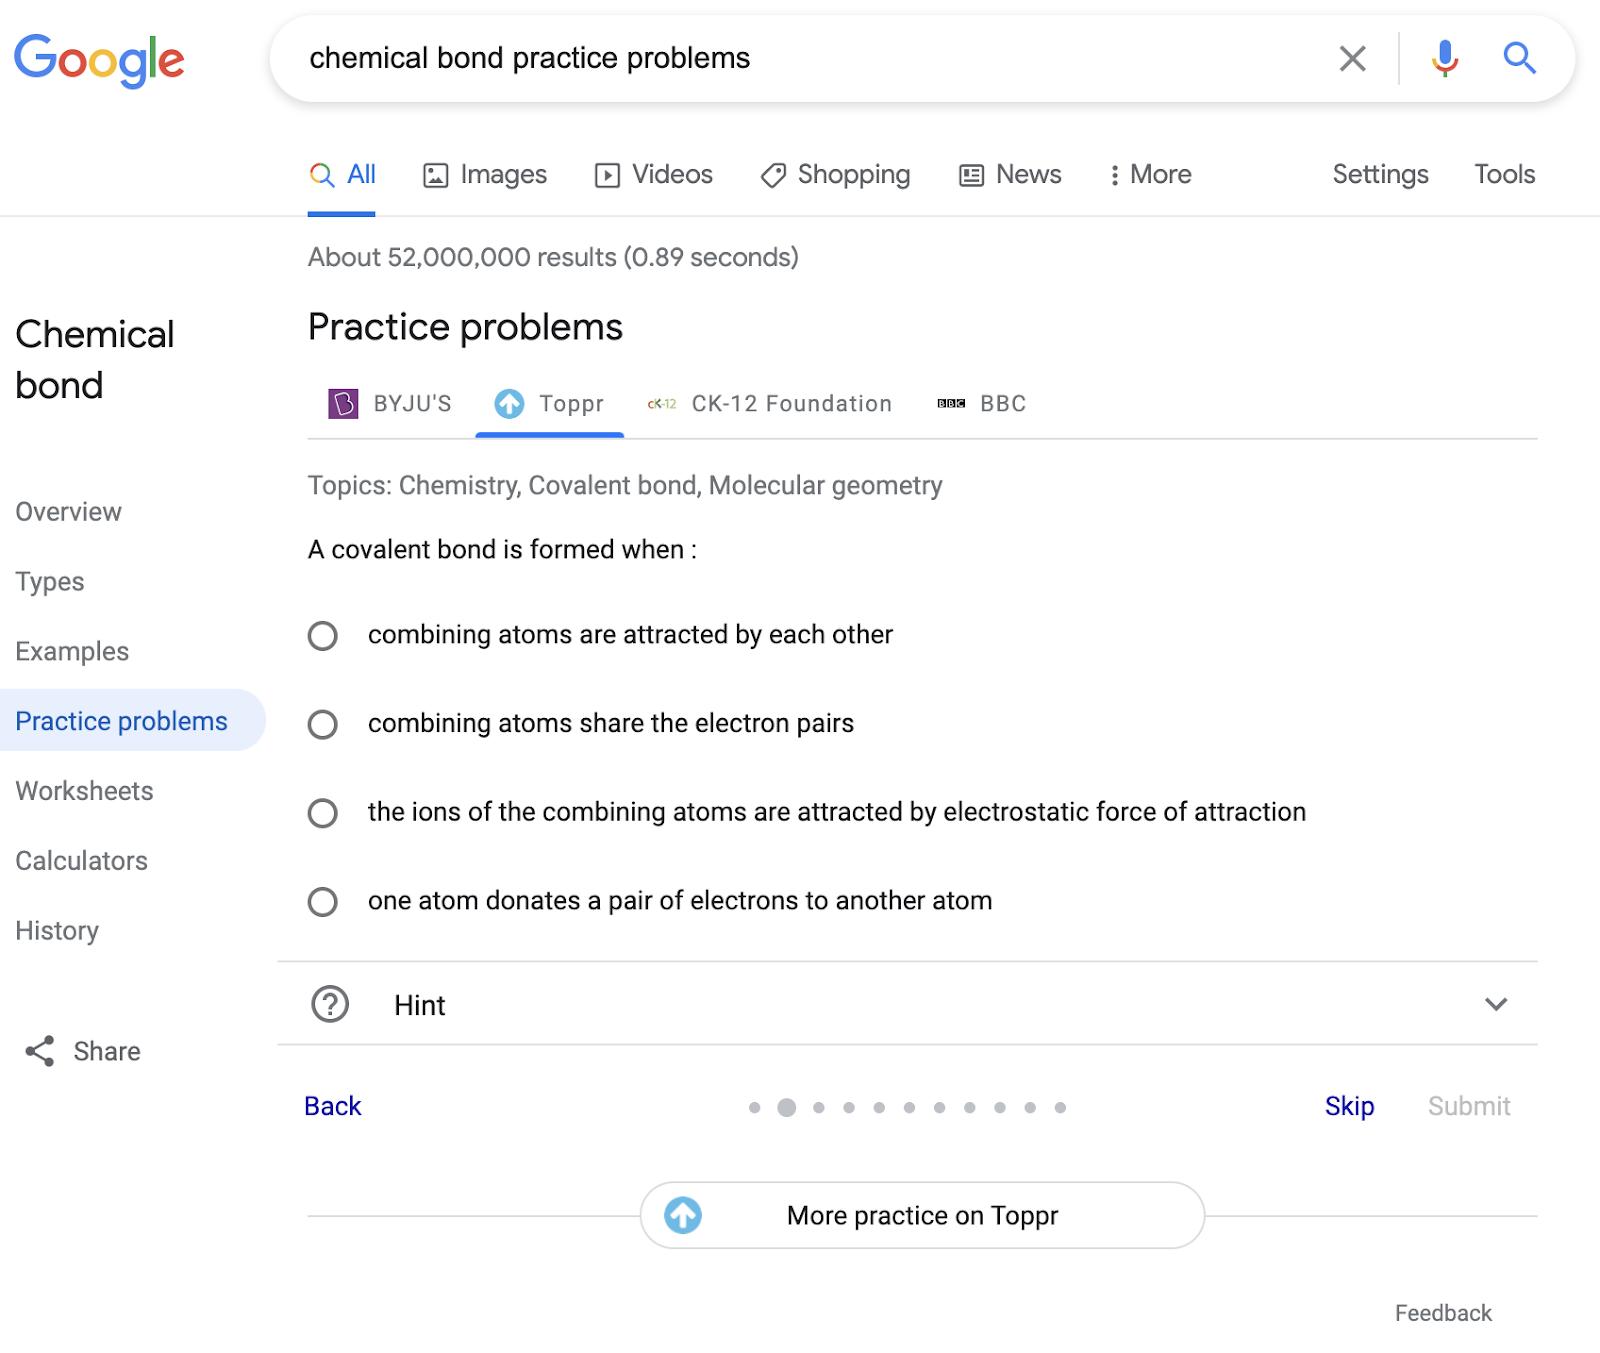 Rich-Suchergebnis für Übung in der Google Suche